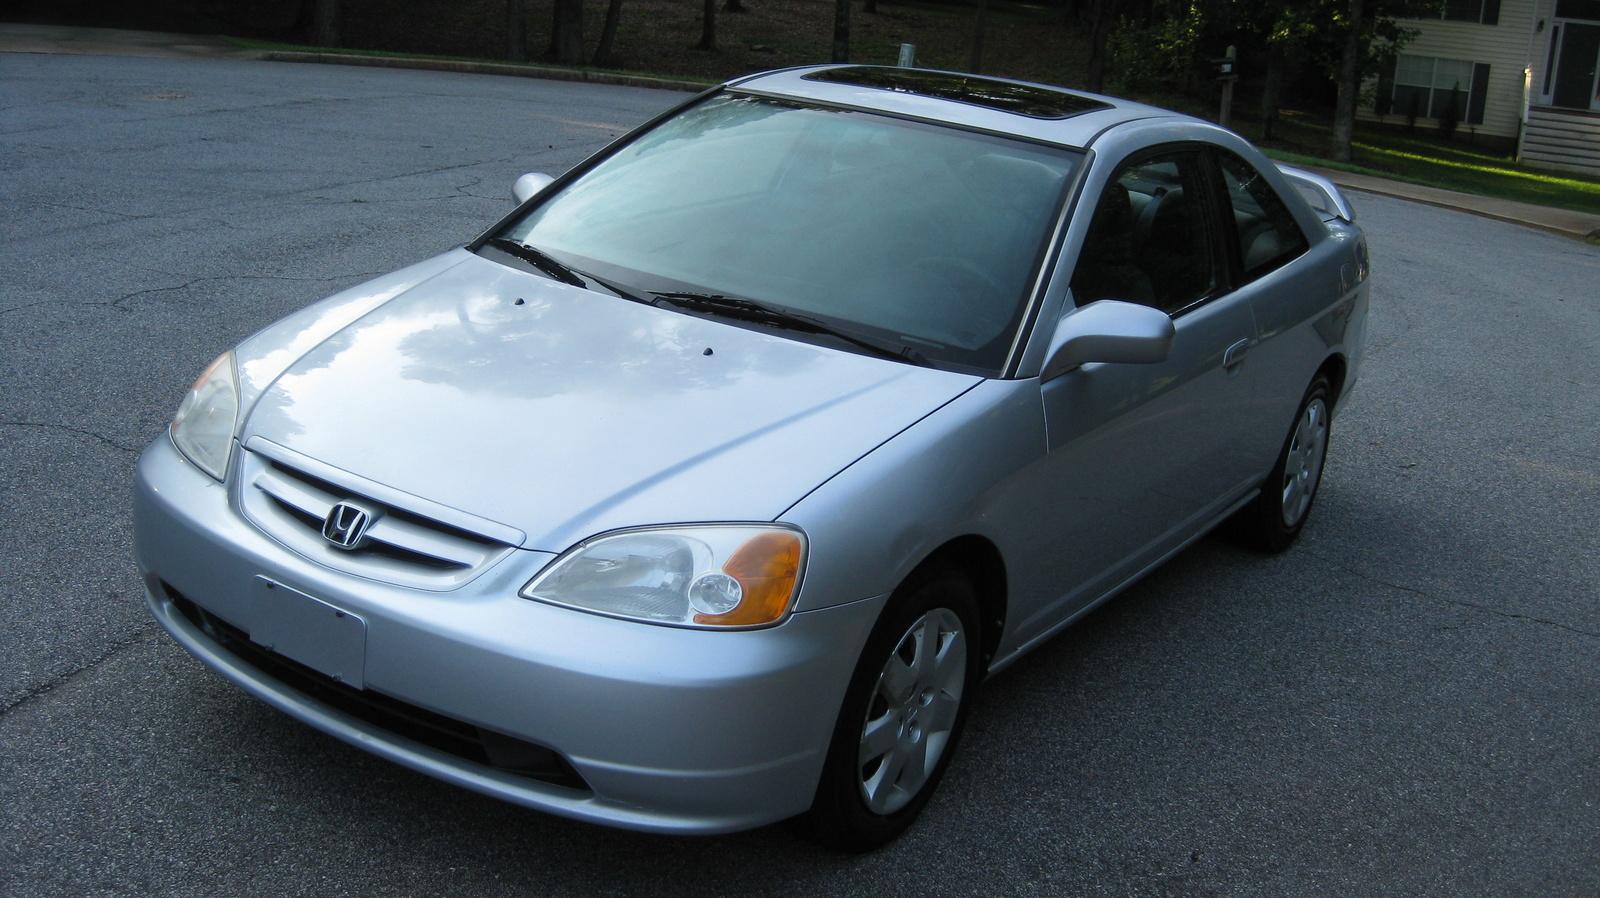 2004 honda civic coupe ex  | cargurus.com